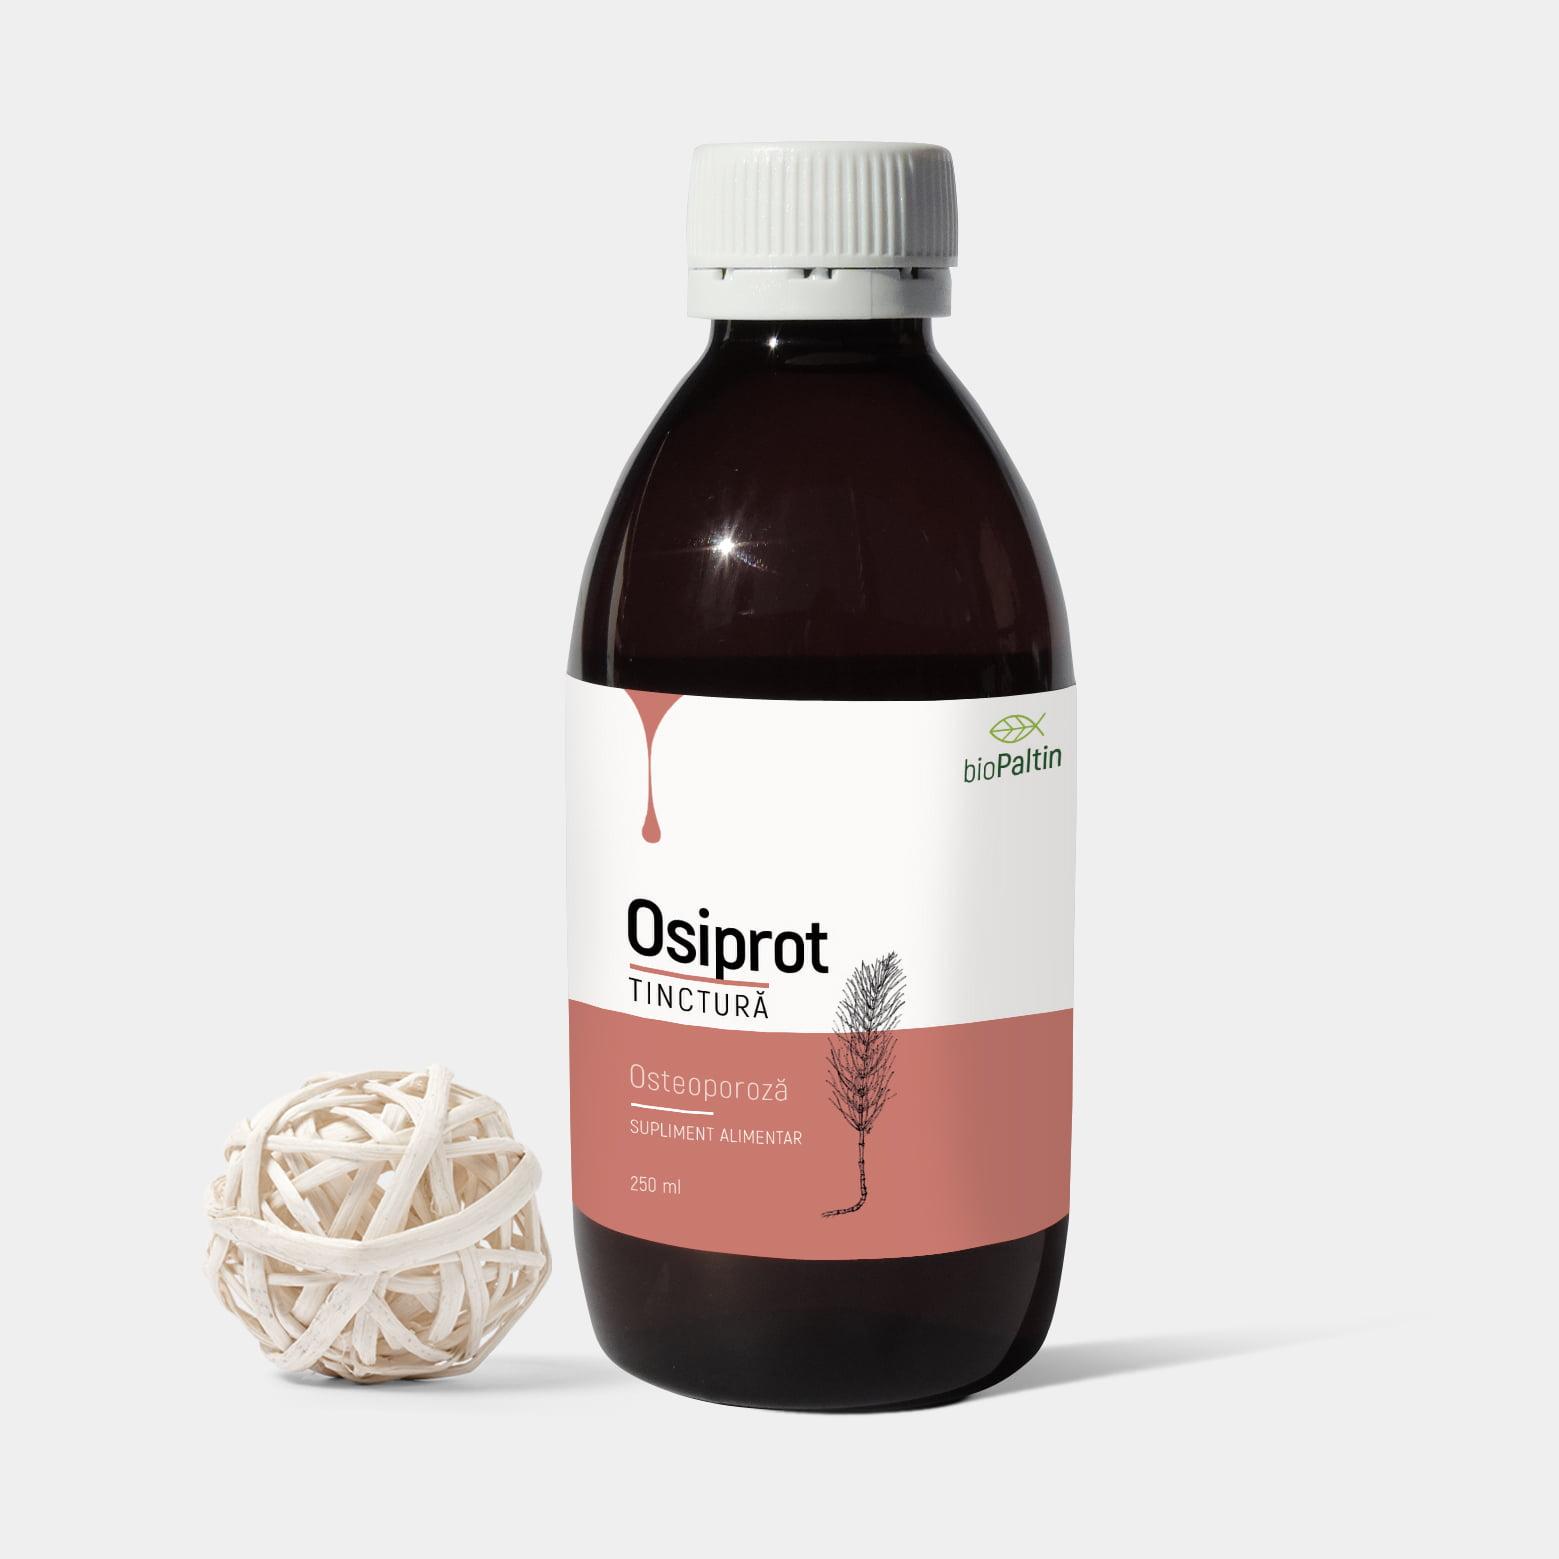 OSIPROT